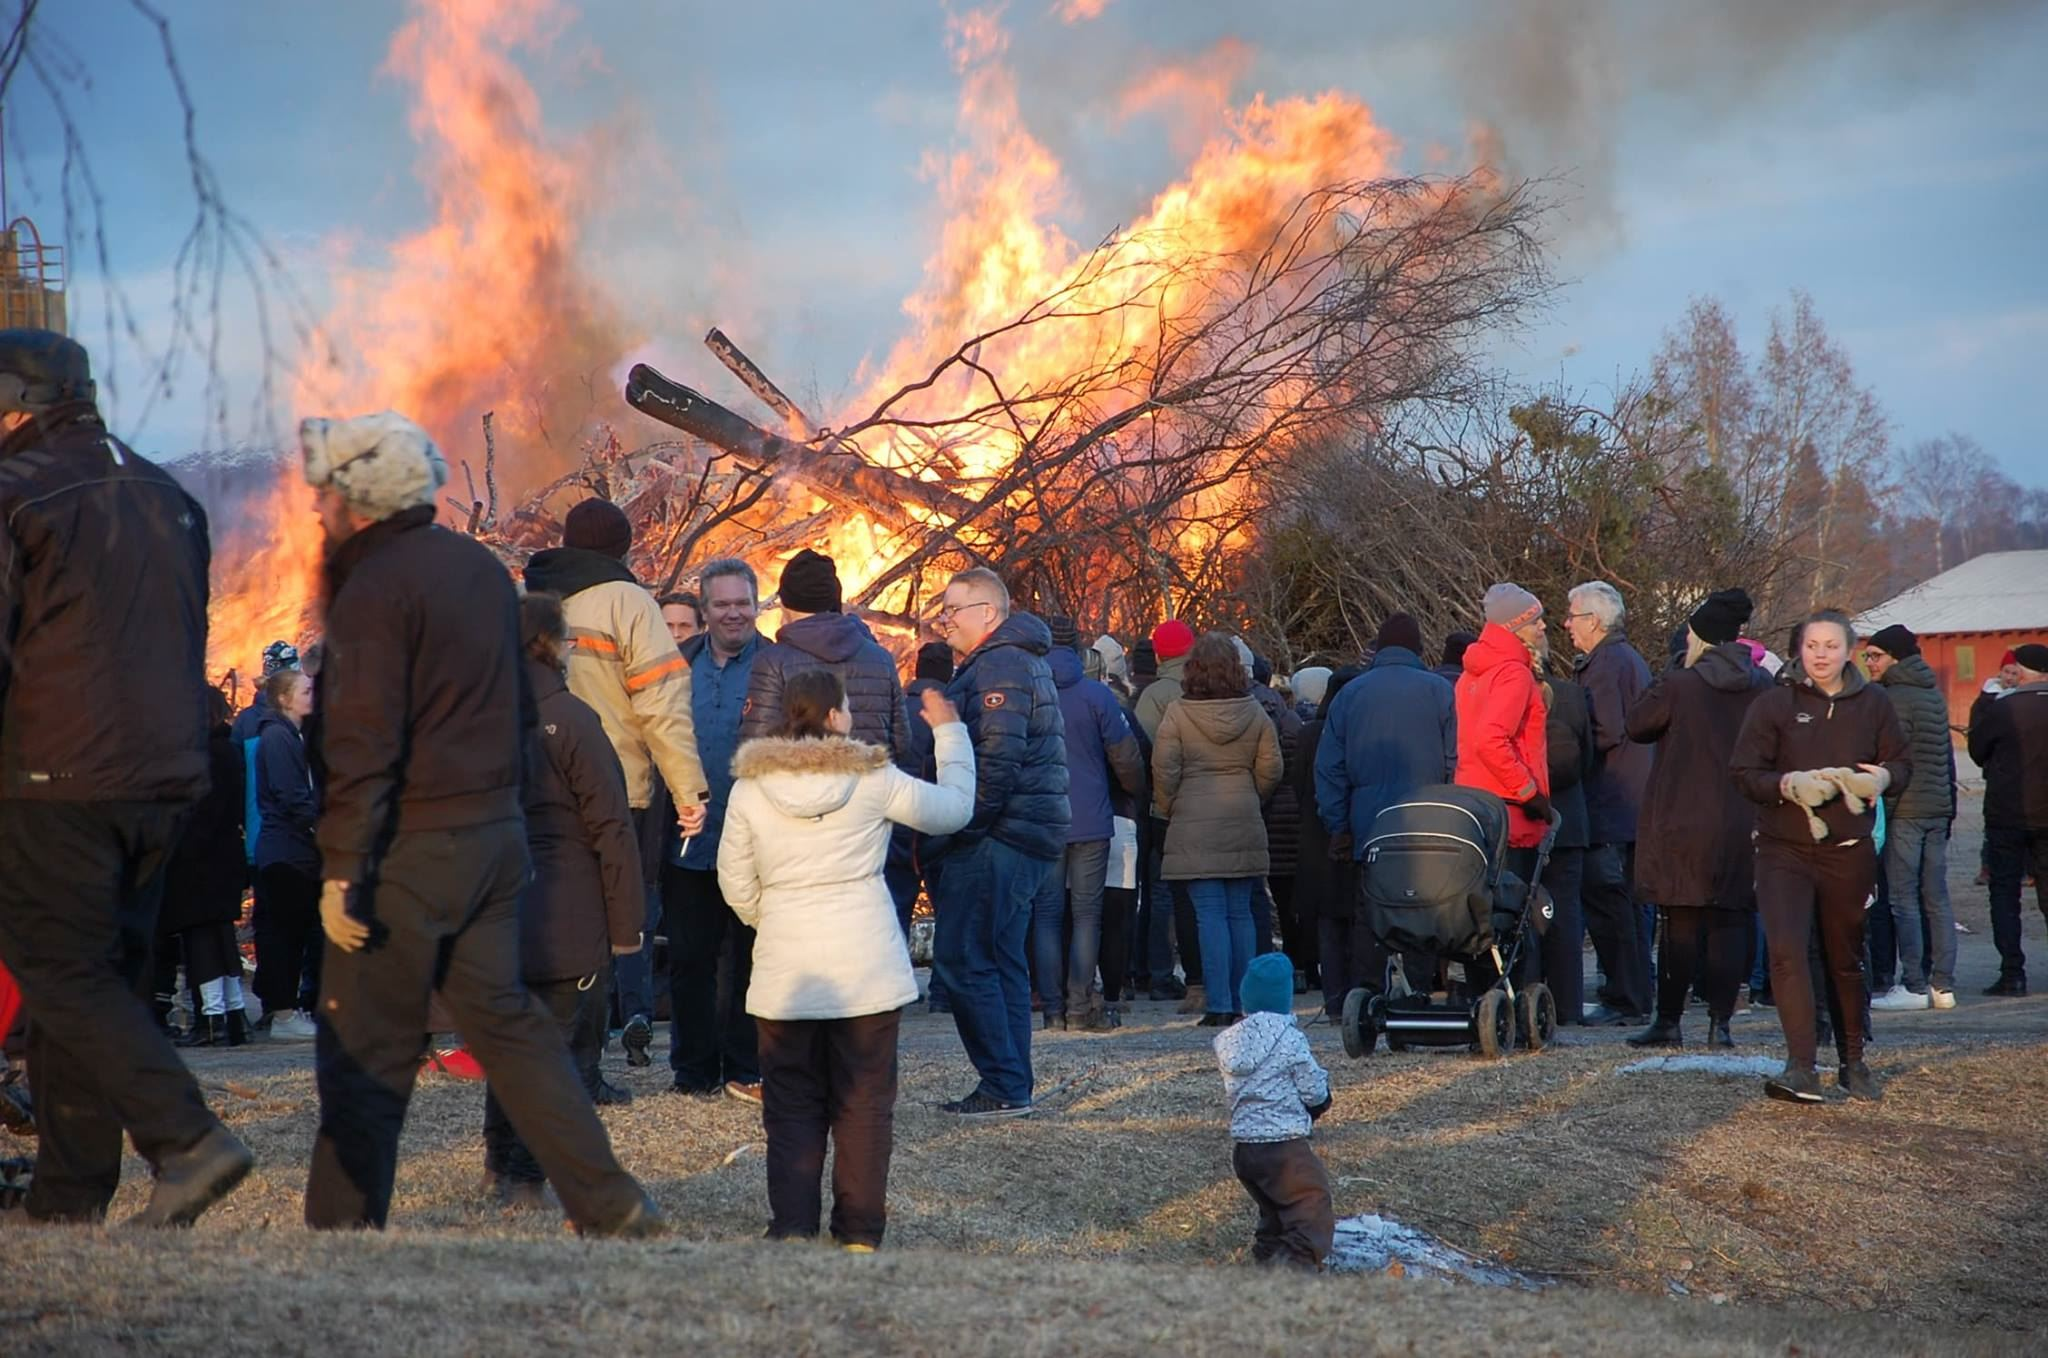 Välkommen till Festplatsens Valborgsfirande